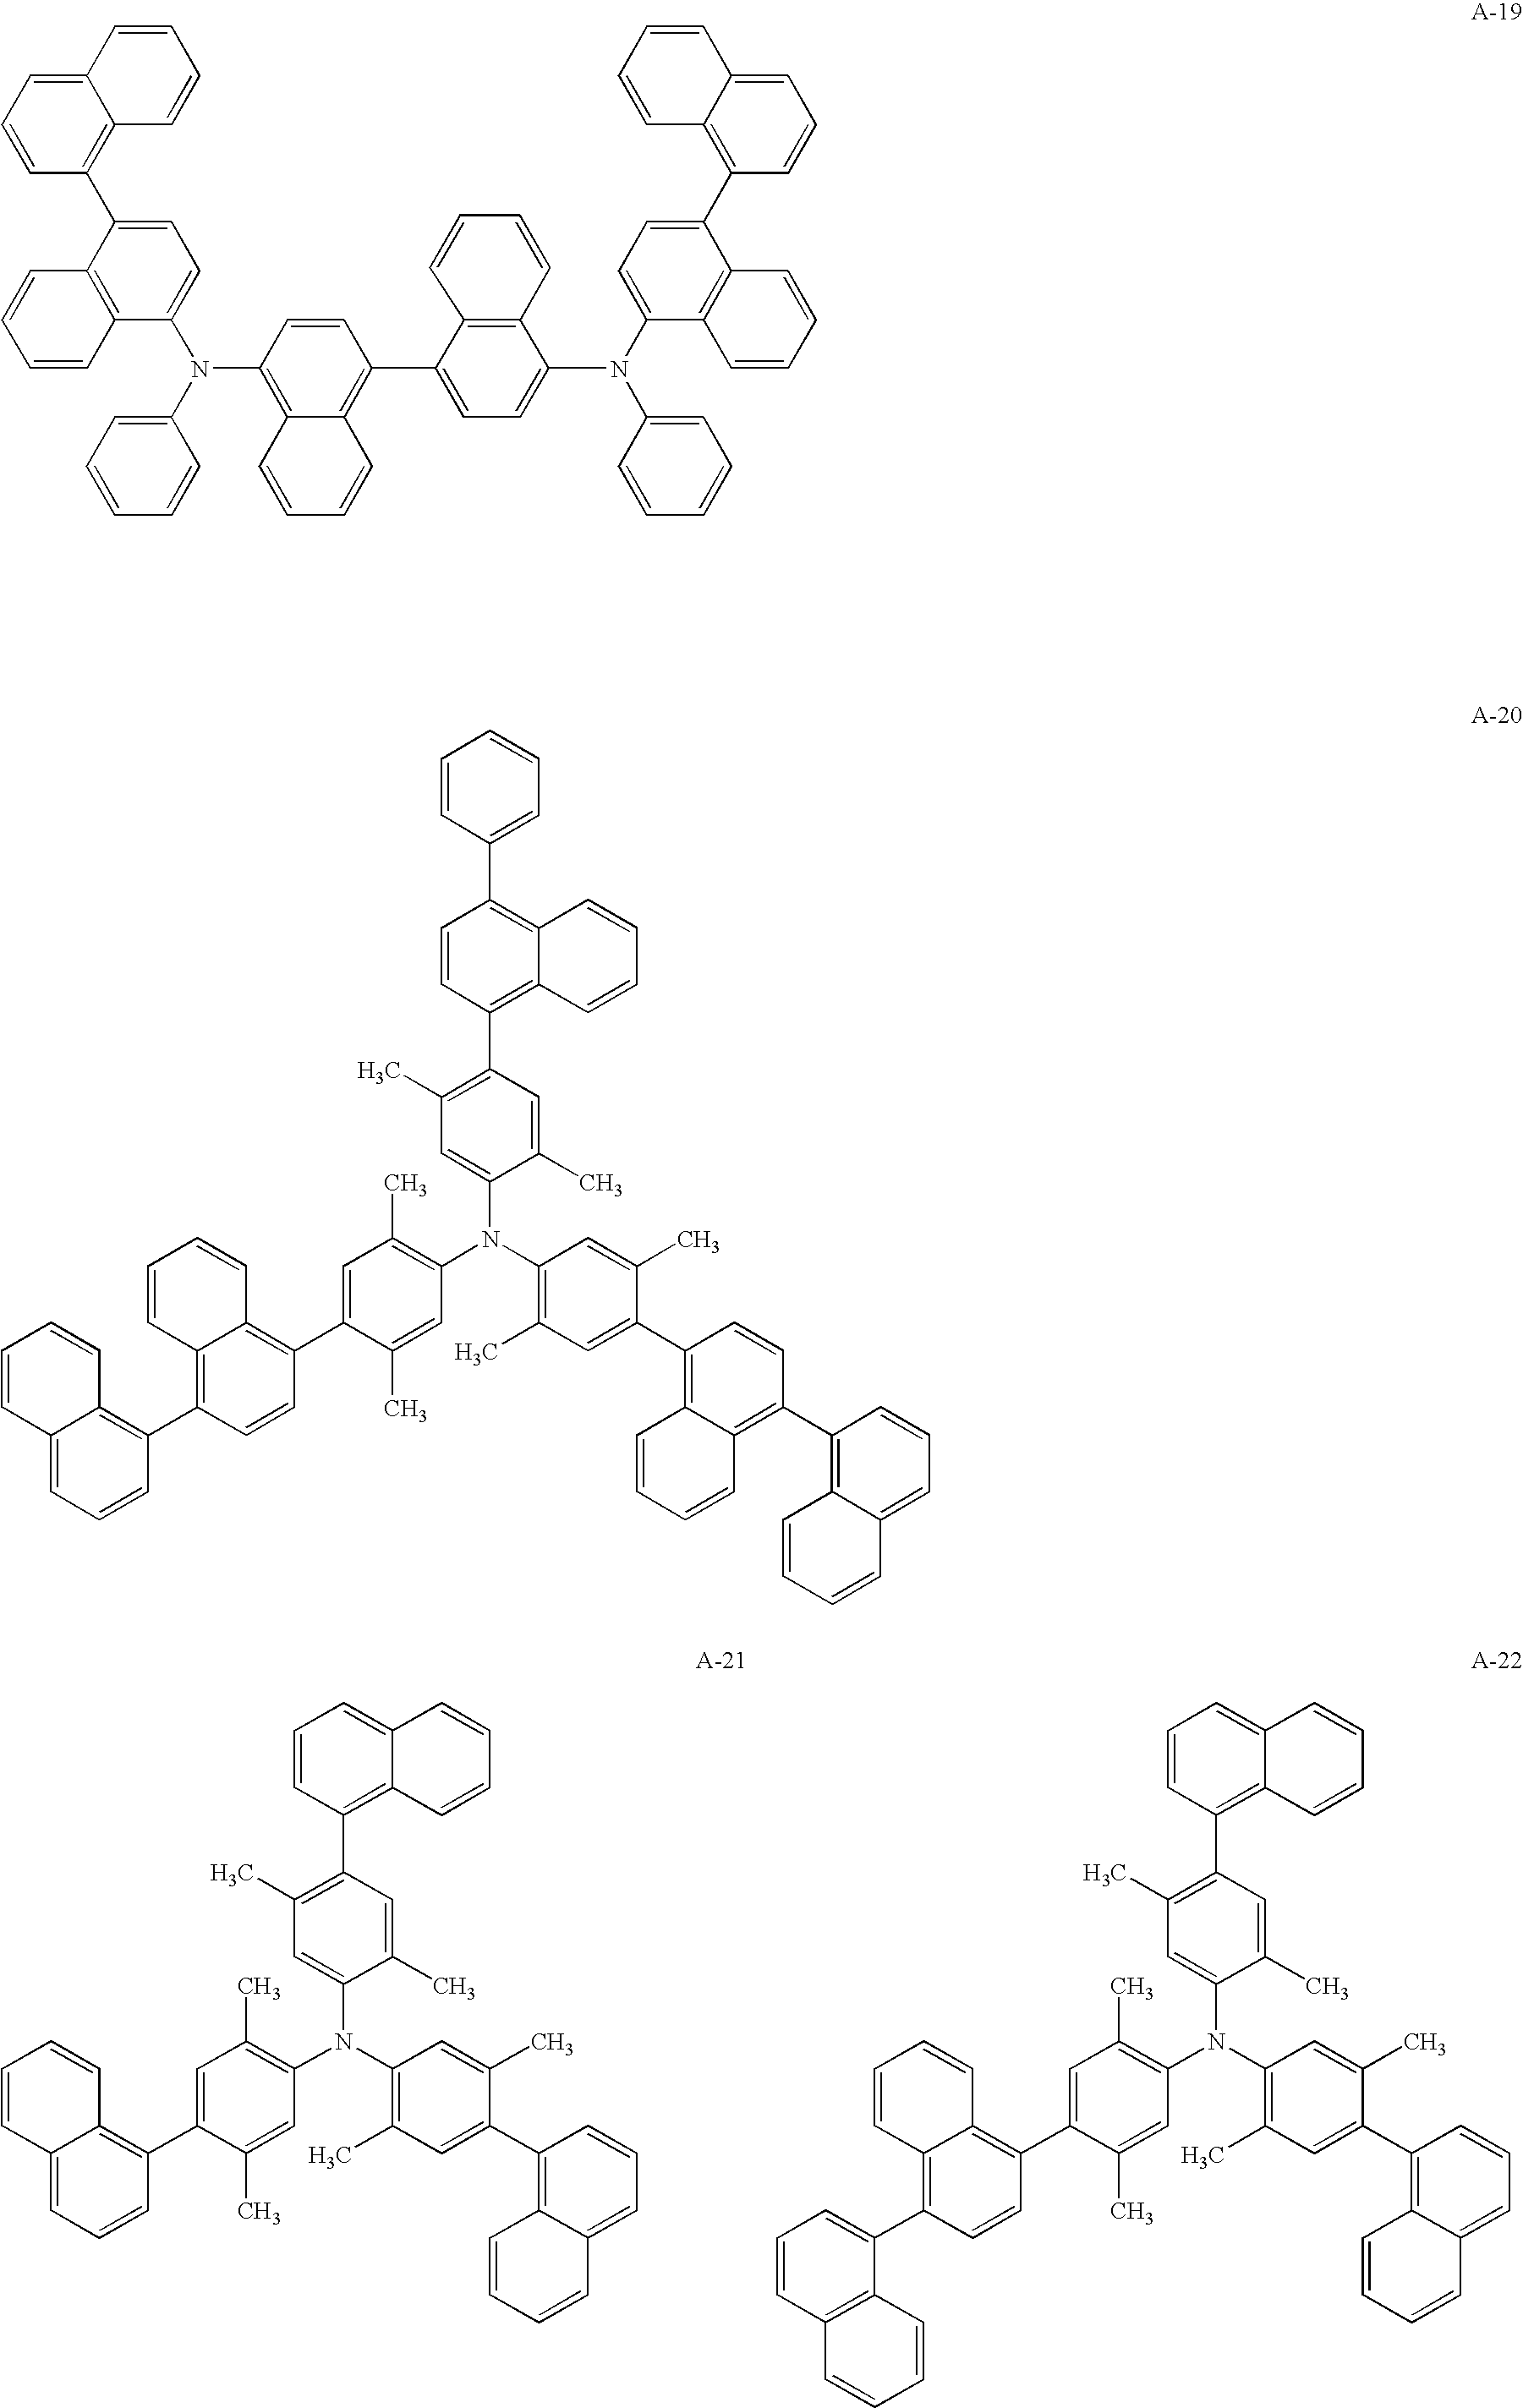 Figure US20040062951A1-20040401-C00029